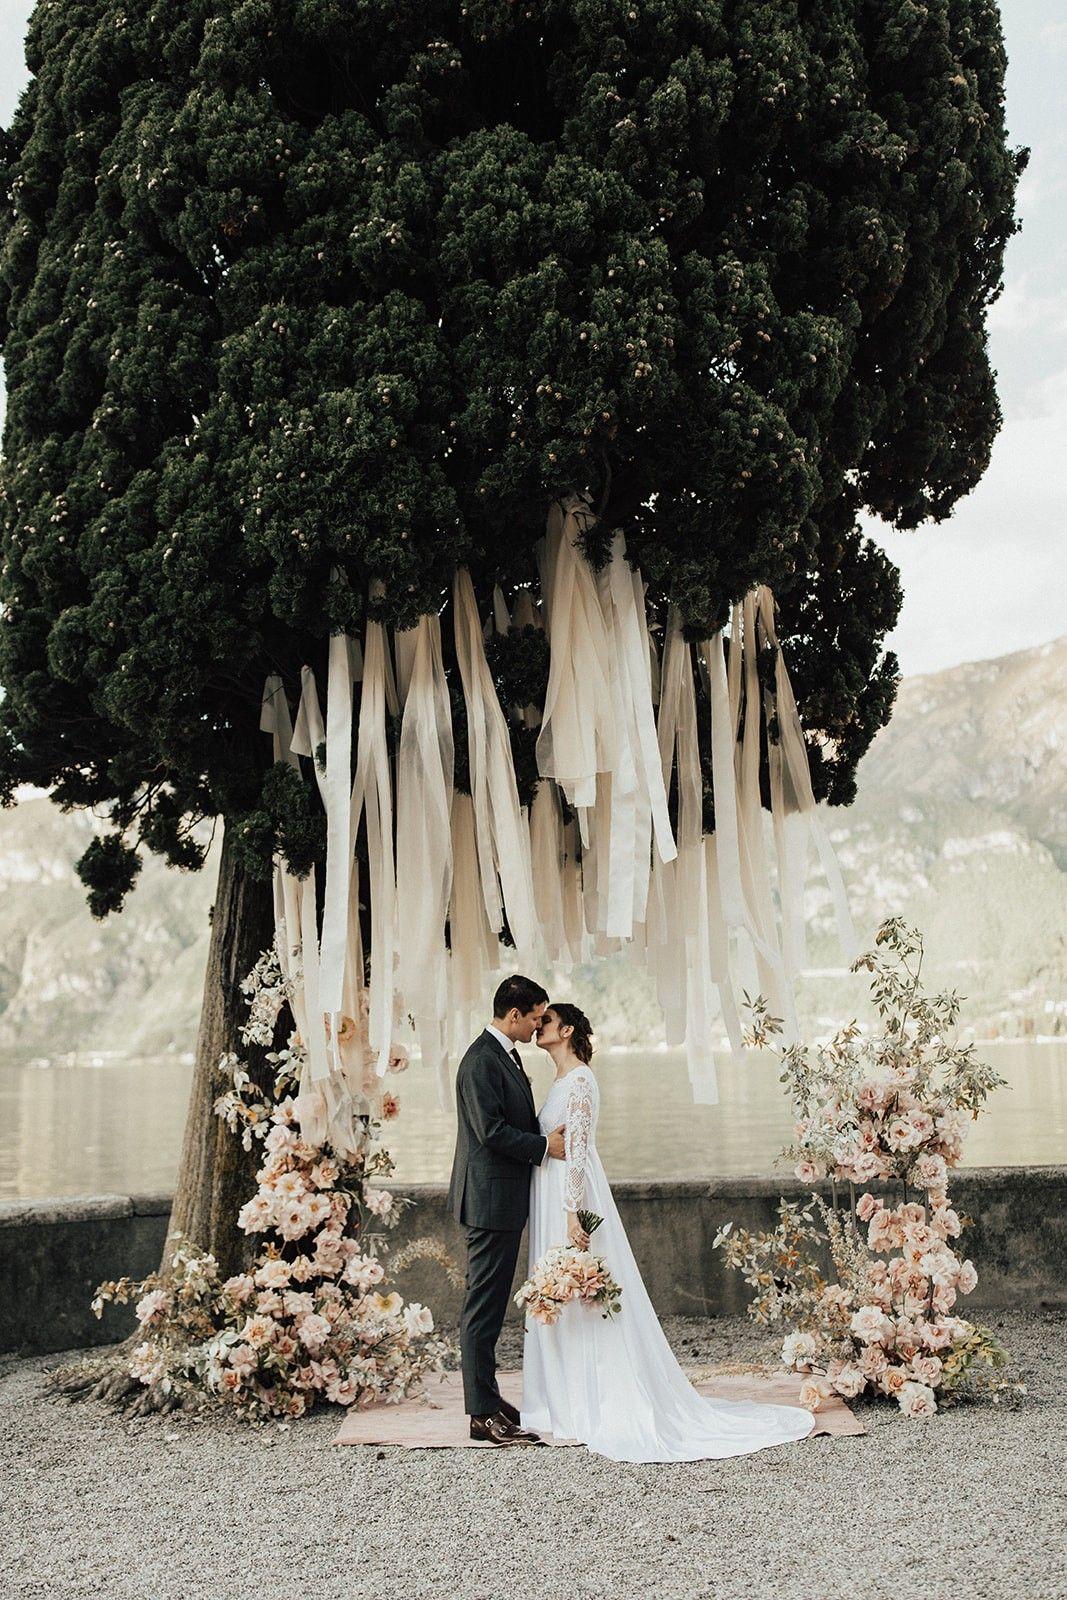 Come Organizzare Un Matrimonio Perfetto I Nostri Servizi Di Wedding Planning Nel 2020 Matrimonio In Italia Fiori Per Matrimoni Matrimonio